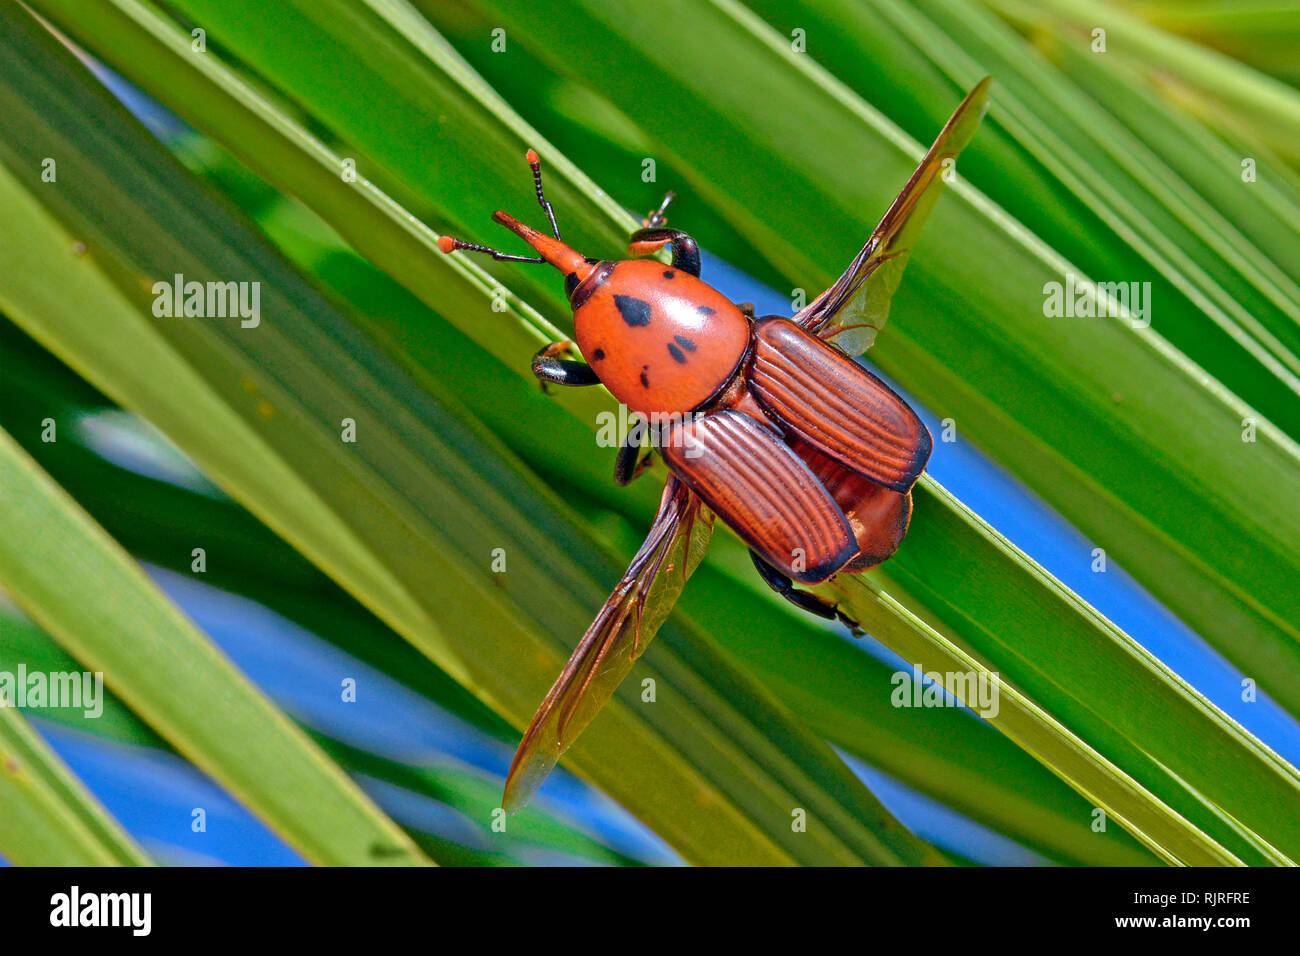 Picudo Rojo de las palmeras (Rhynchophorus ferrugineus) en la isla canaria de la palma datilera (Phoenix canariensis), verano 2018, Cataluña, España. Dañino, larvas de da Foto de stock